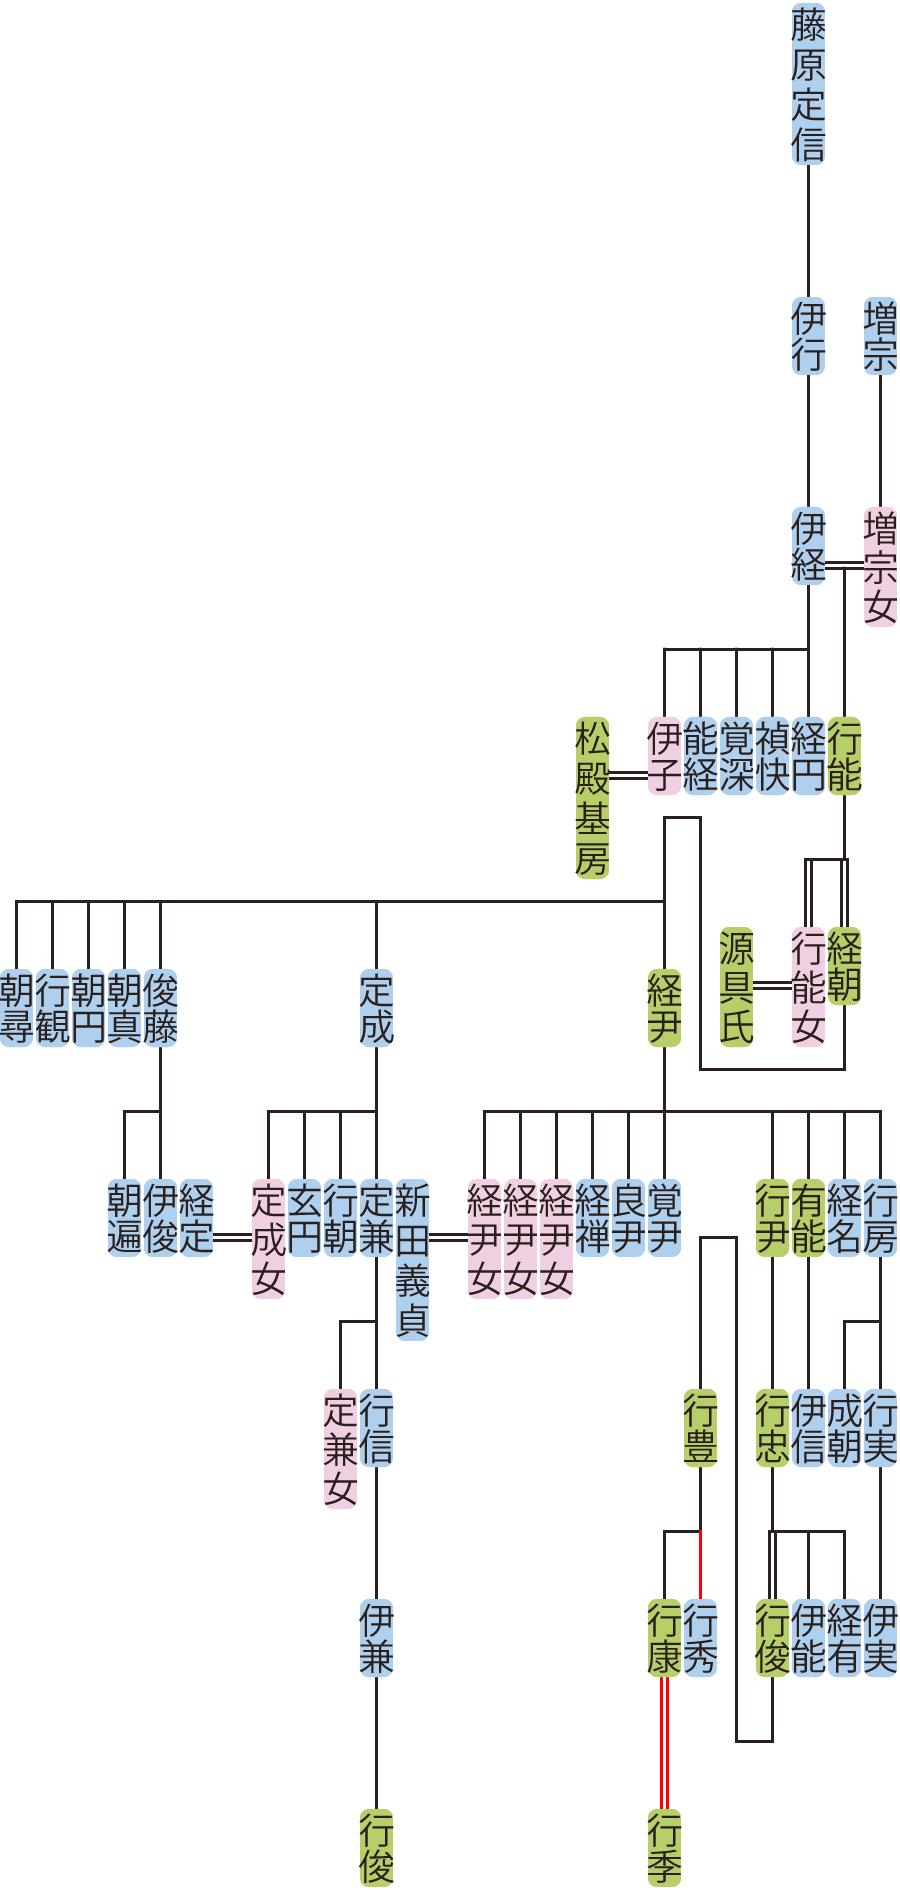 藤原伊経の系図